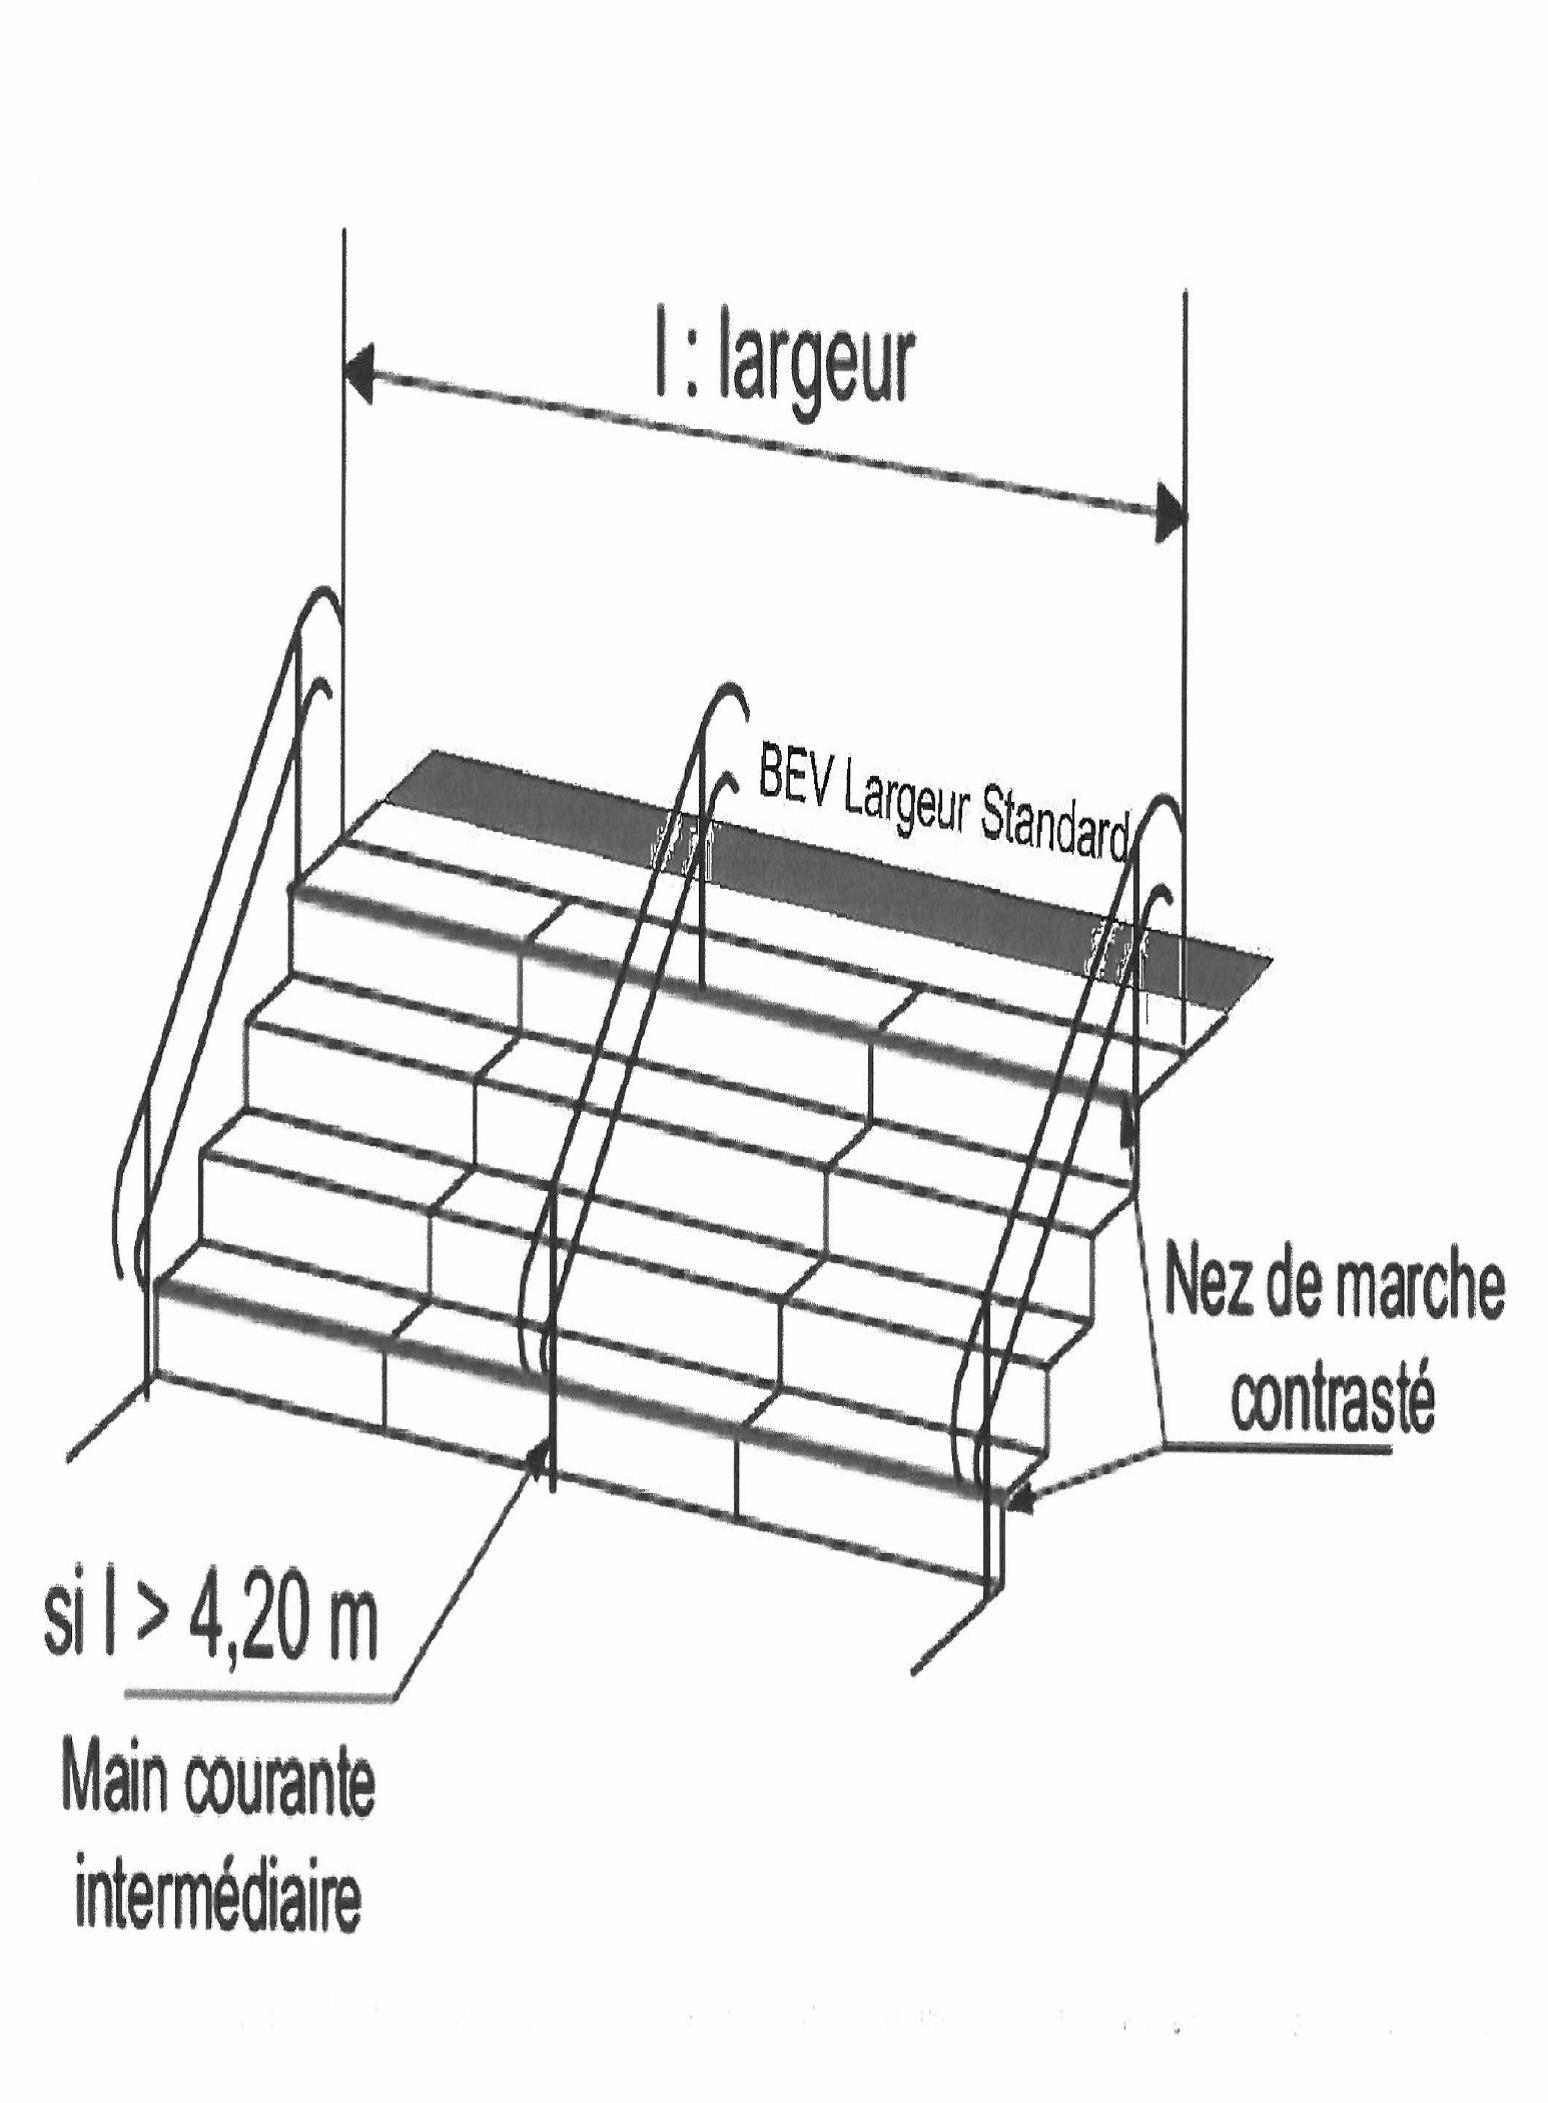 accessoires des escaliers et terrasses pmr marcanterra bois et plantes ouvrages ext rieurs. Black Bedroom Furniture Sets. Home Design Ideas